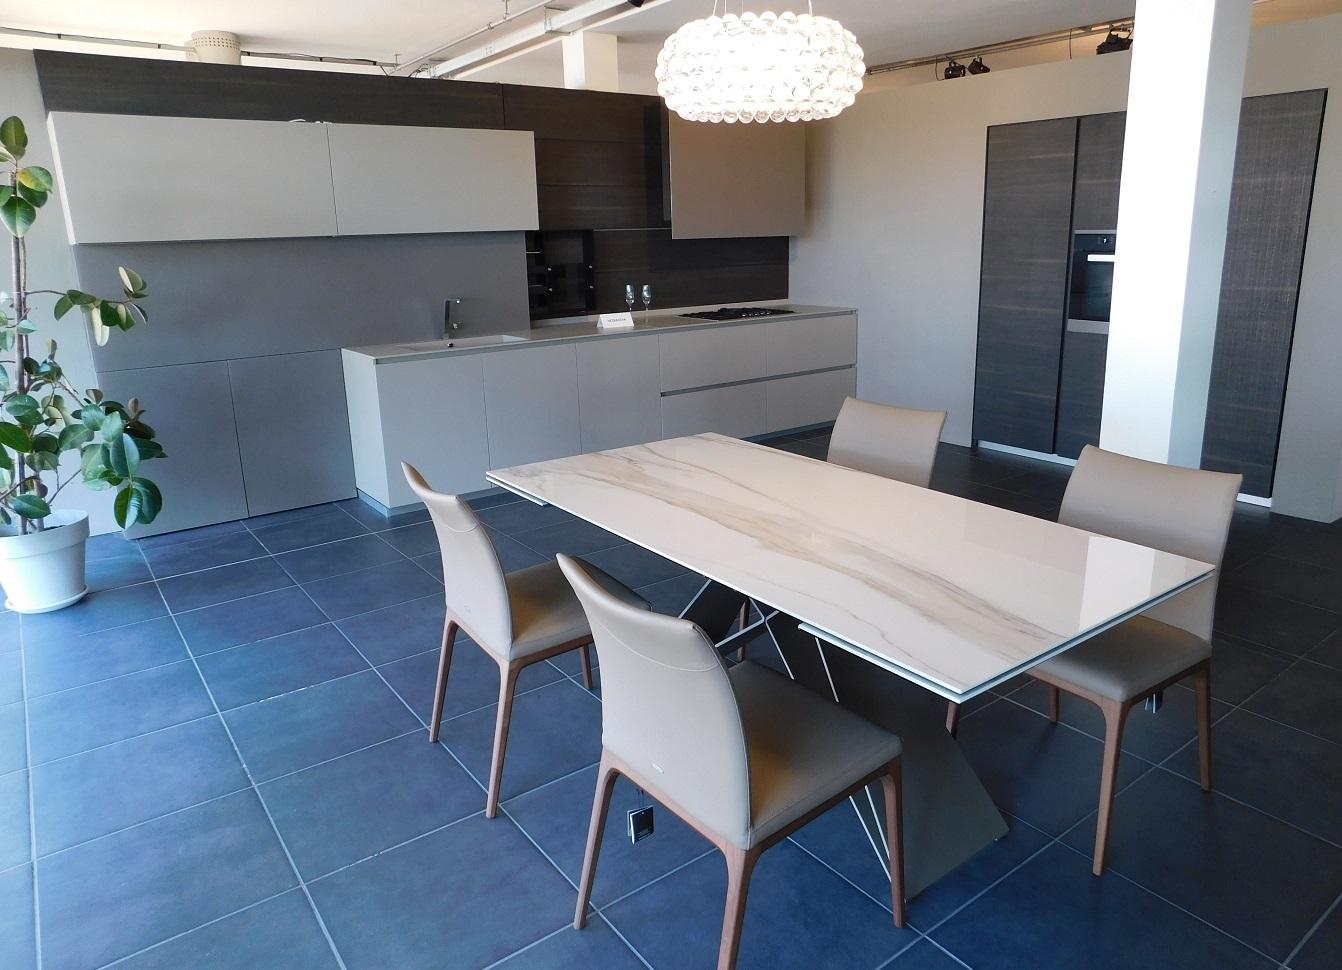 Modulnova MH6 kitchen online sale on Mobilcasa Pisa